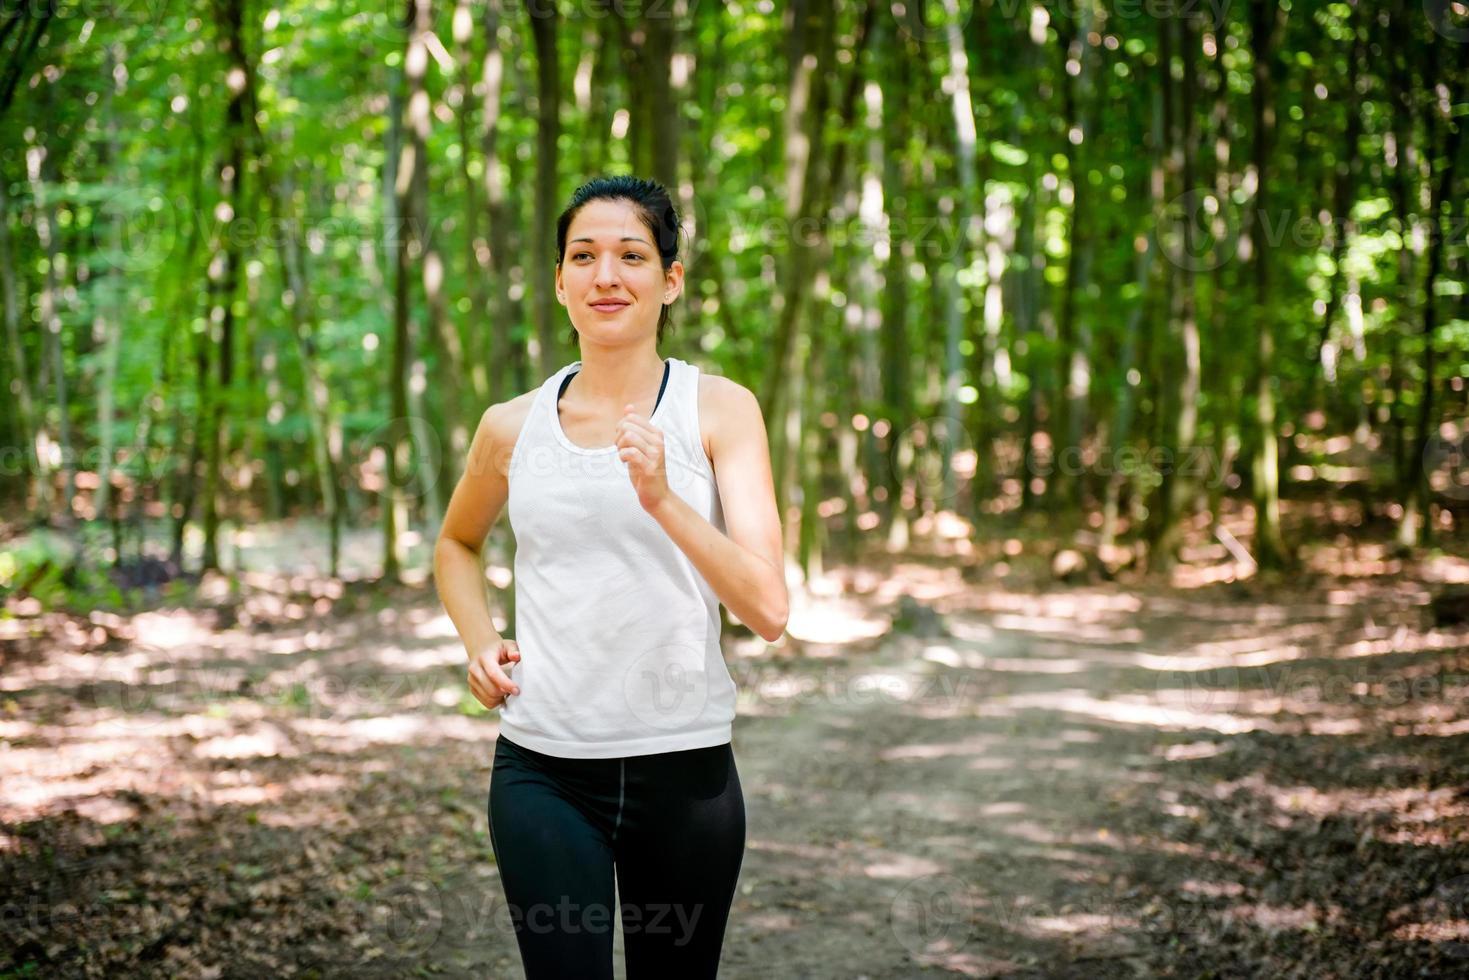 Laufen in der Natur foto